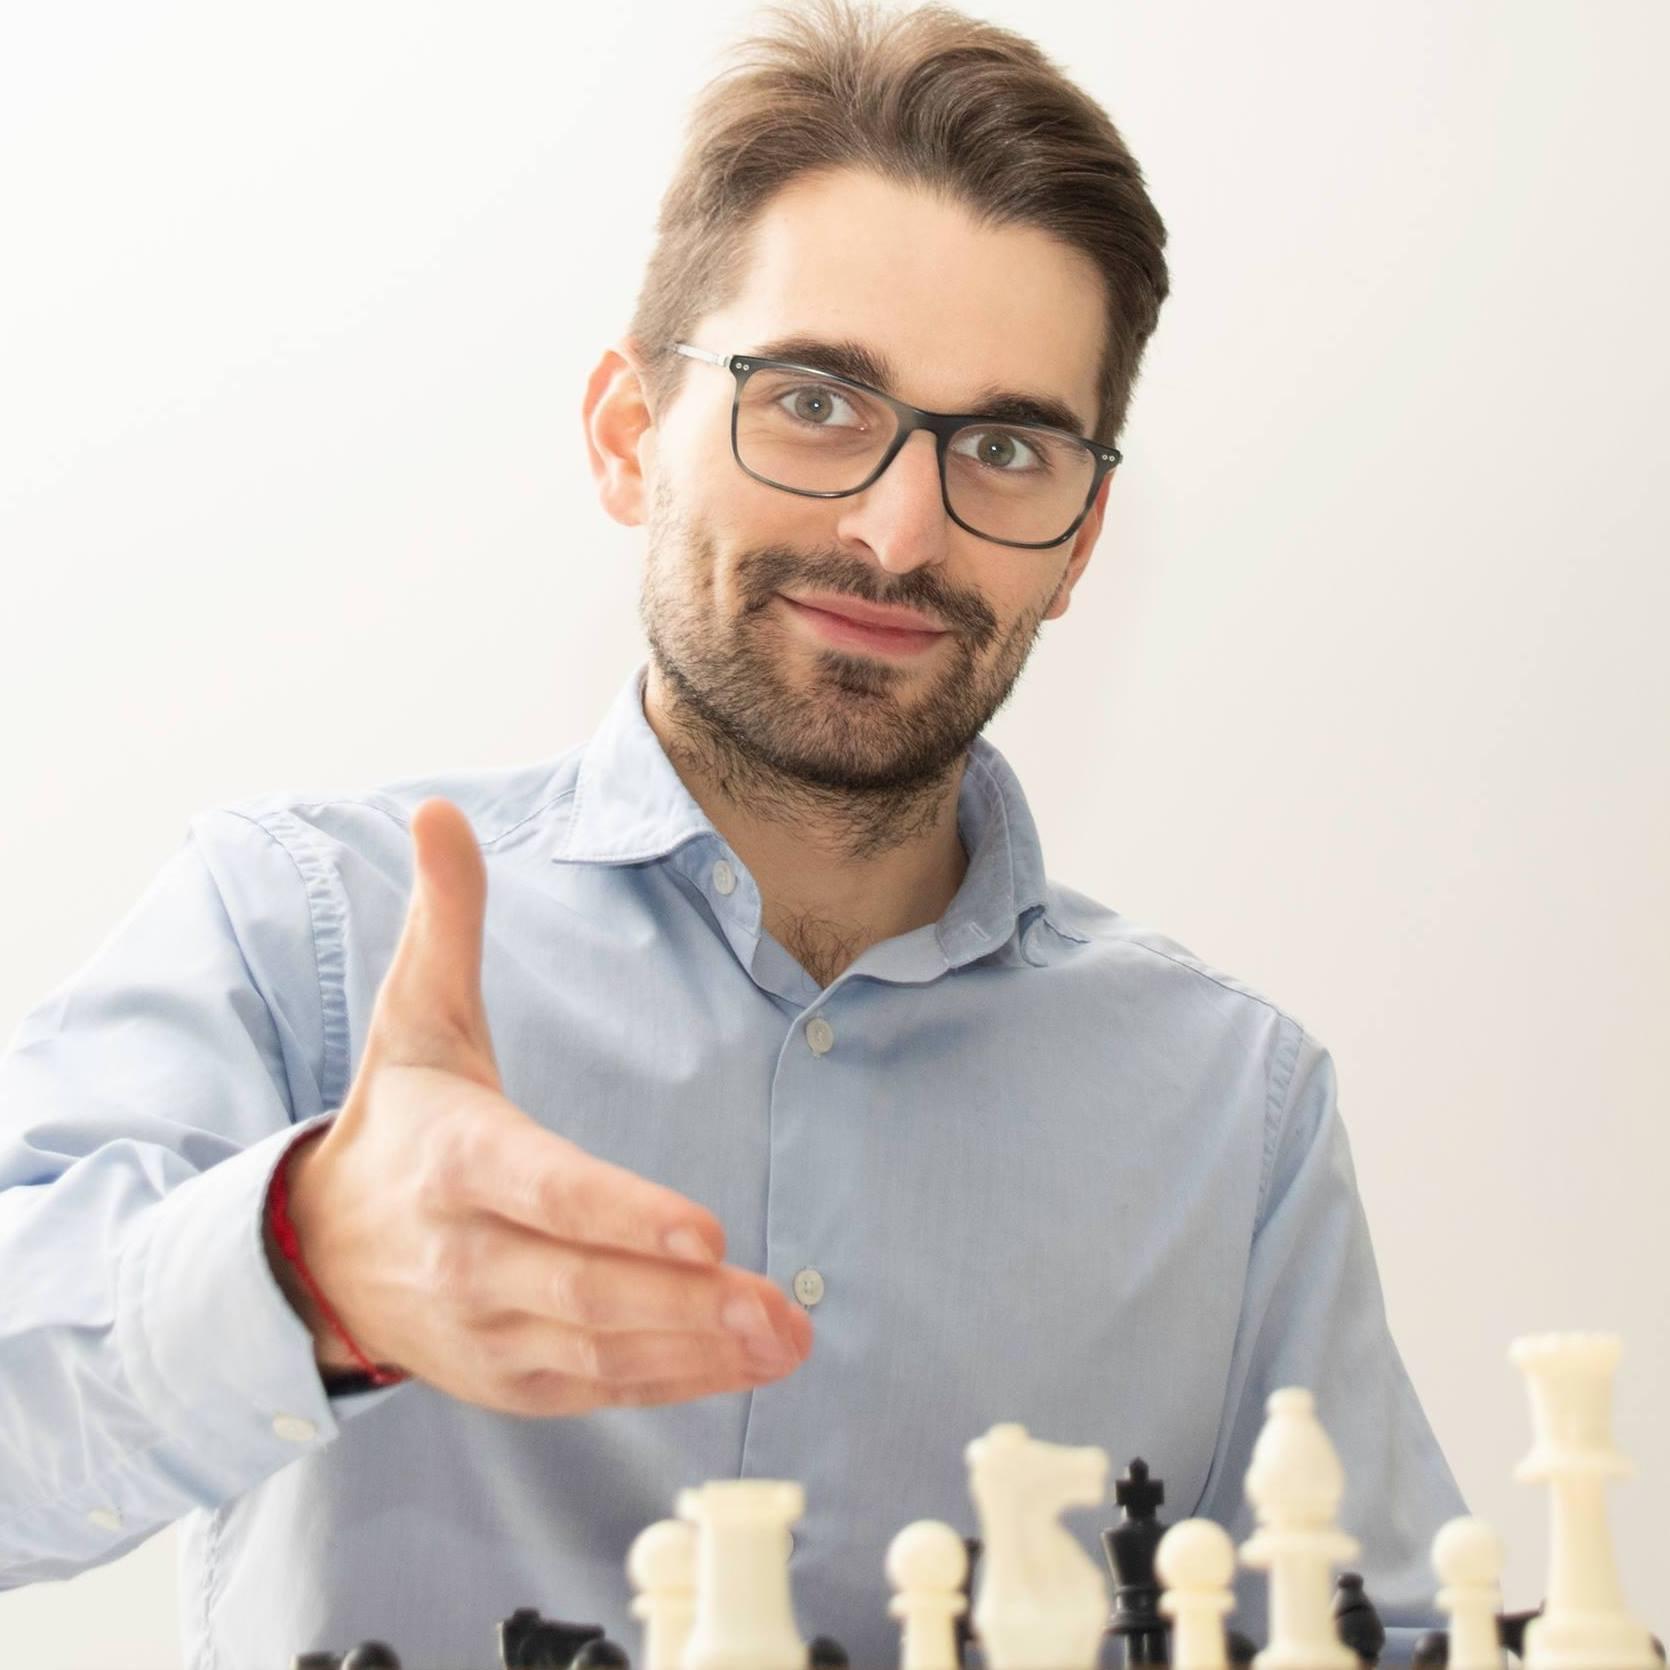 Axel Rombaldoni